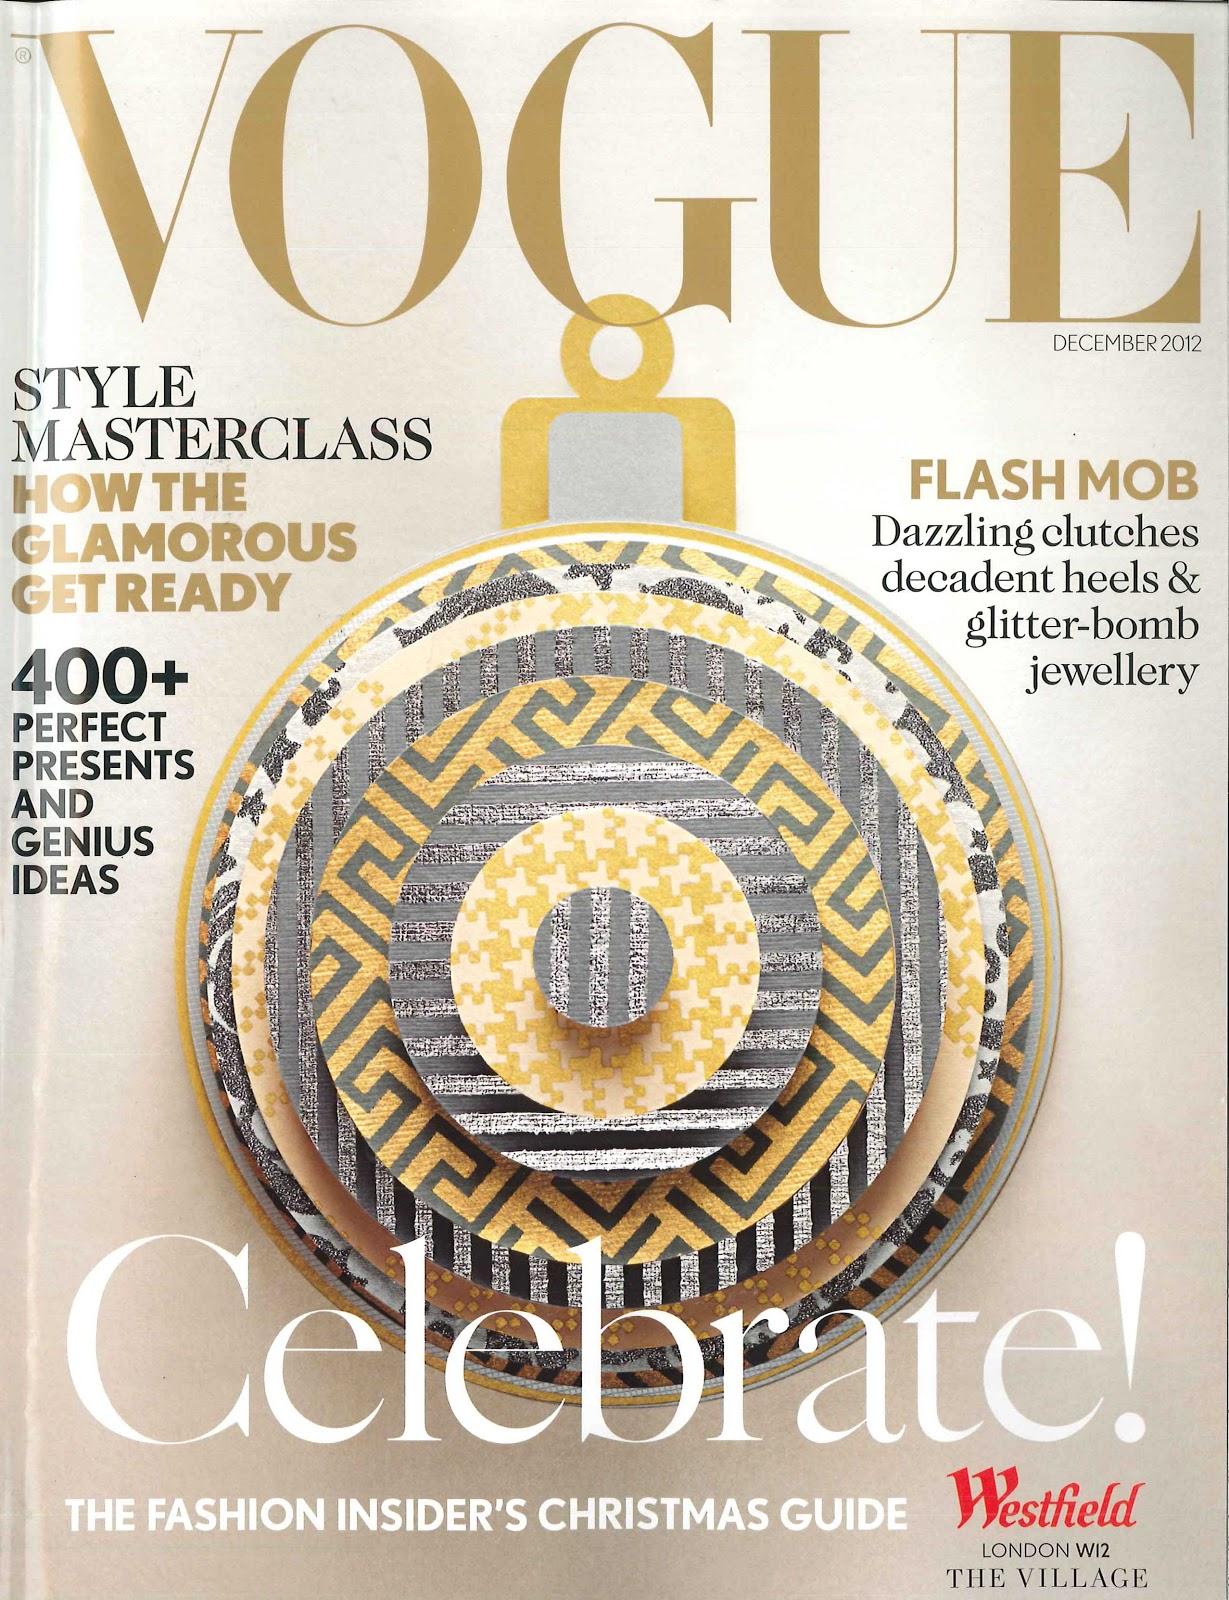 http://4.bp.blogspot.com/-A5rhJm5L5B8/UJp_lB63gHI/AAAAAAAABDY/biqL1Wzv0FI/s1600/DrJackson_VogueSupplement_December2012(cover).jpg